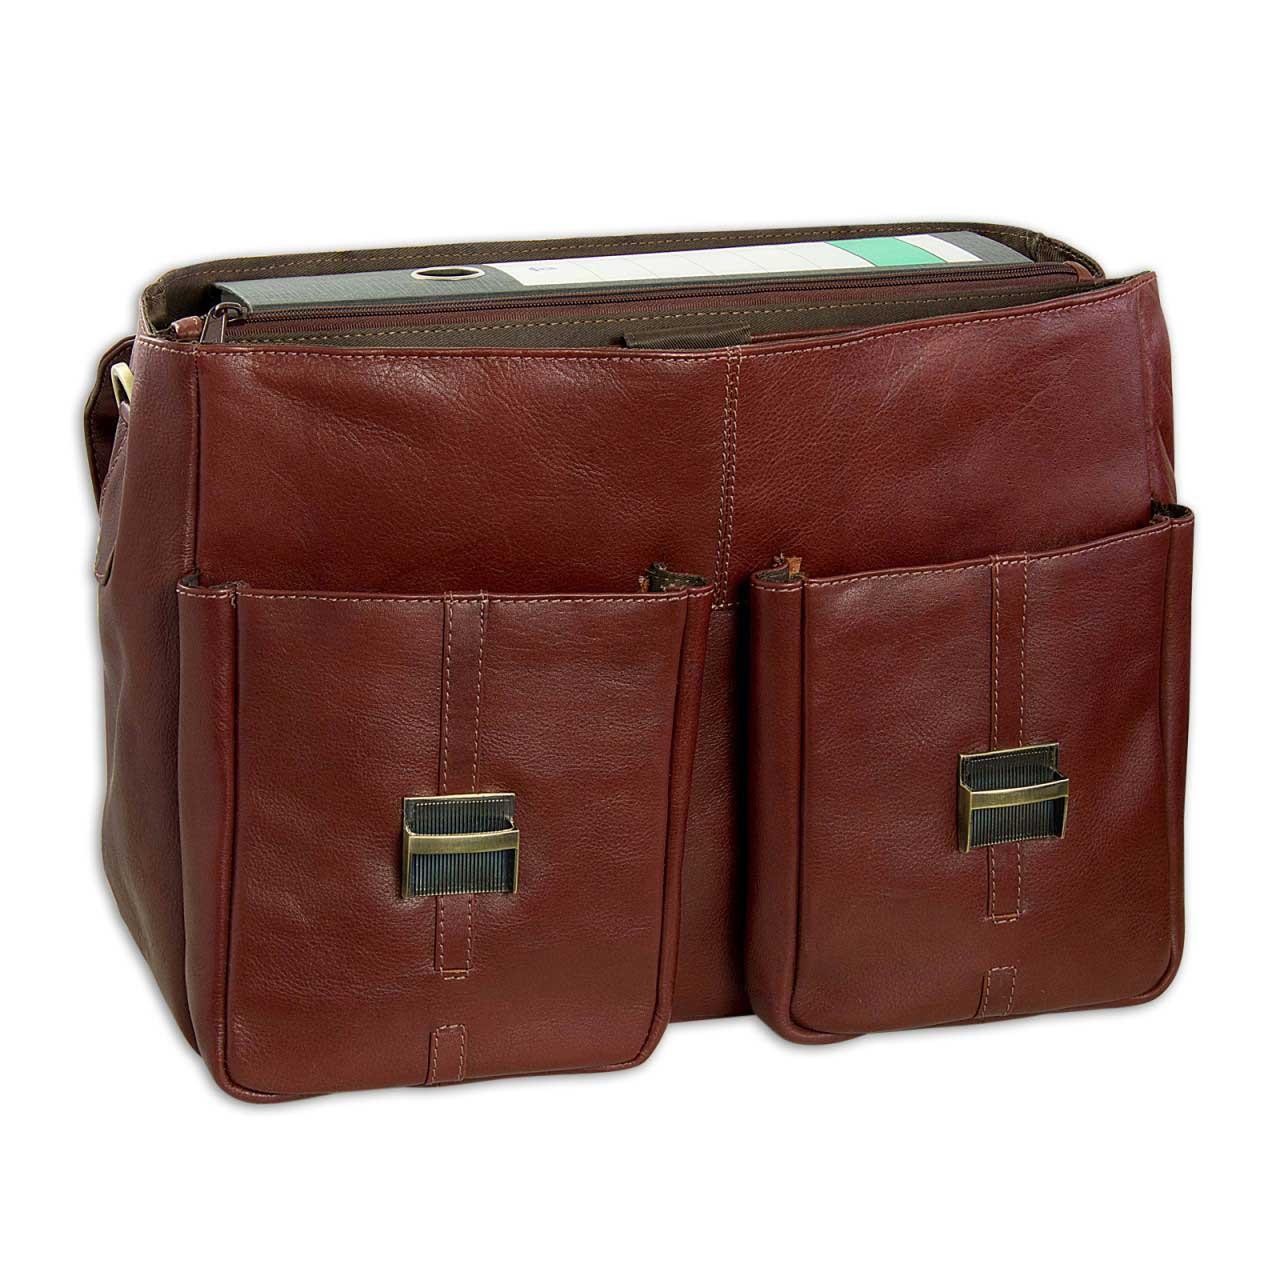 """STILORD """"Robin"""" Vintage Businesstasche Leder Aktentasche für Damen und Herren Schloss 15,6 Zoll Laptopfach elegante Umhängetasche aus echtem Leder  - Bild 3"""